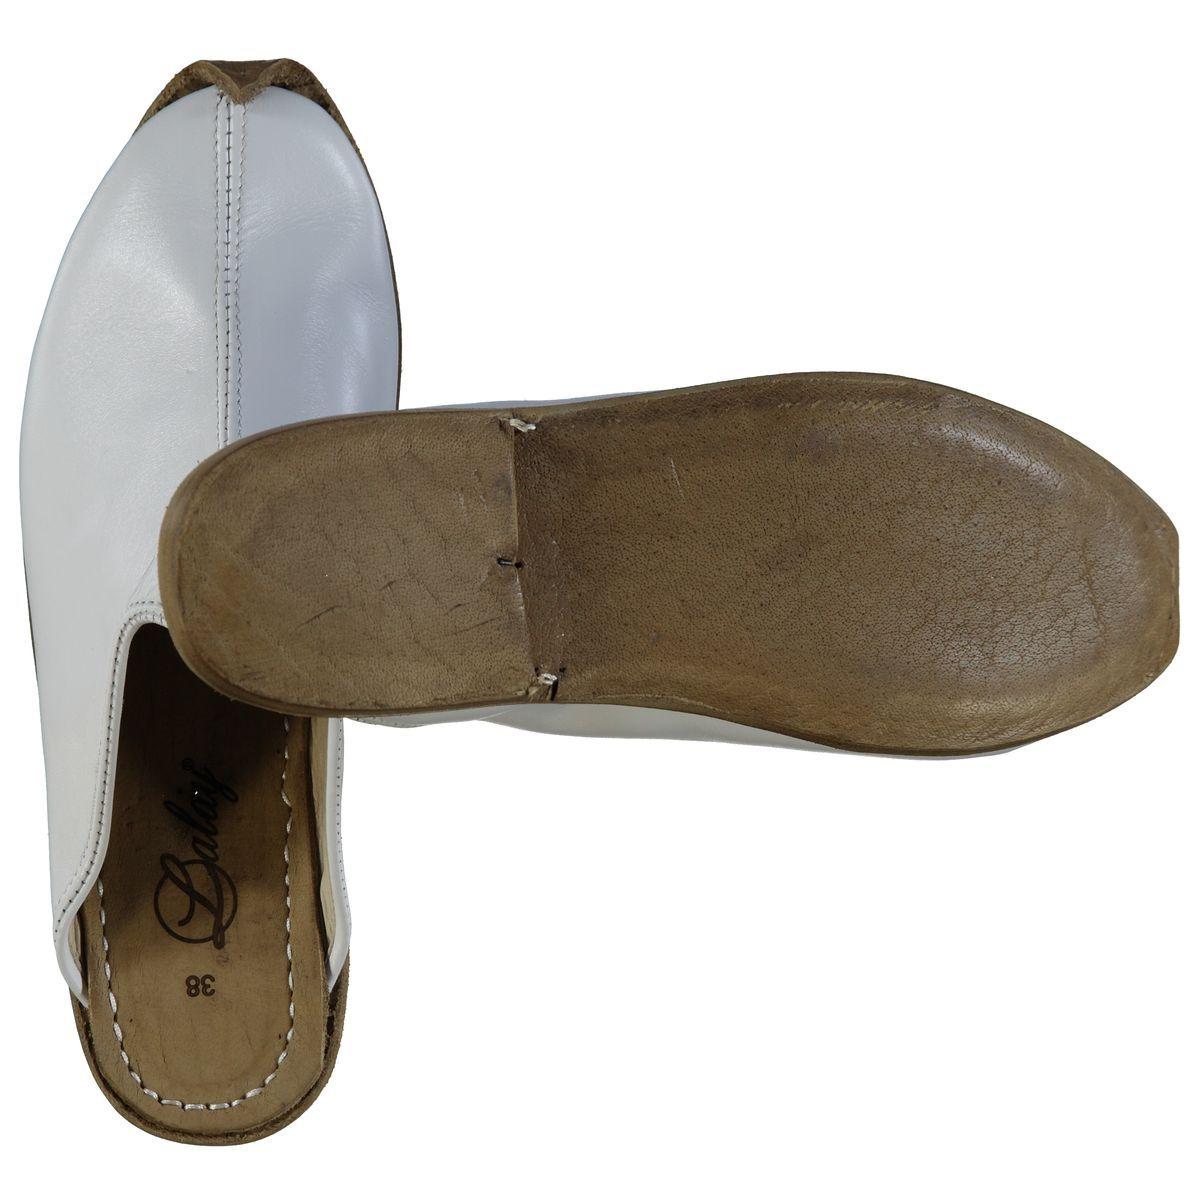 Slipper - Babouche - Leather / Handmade - White